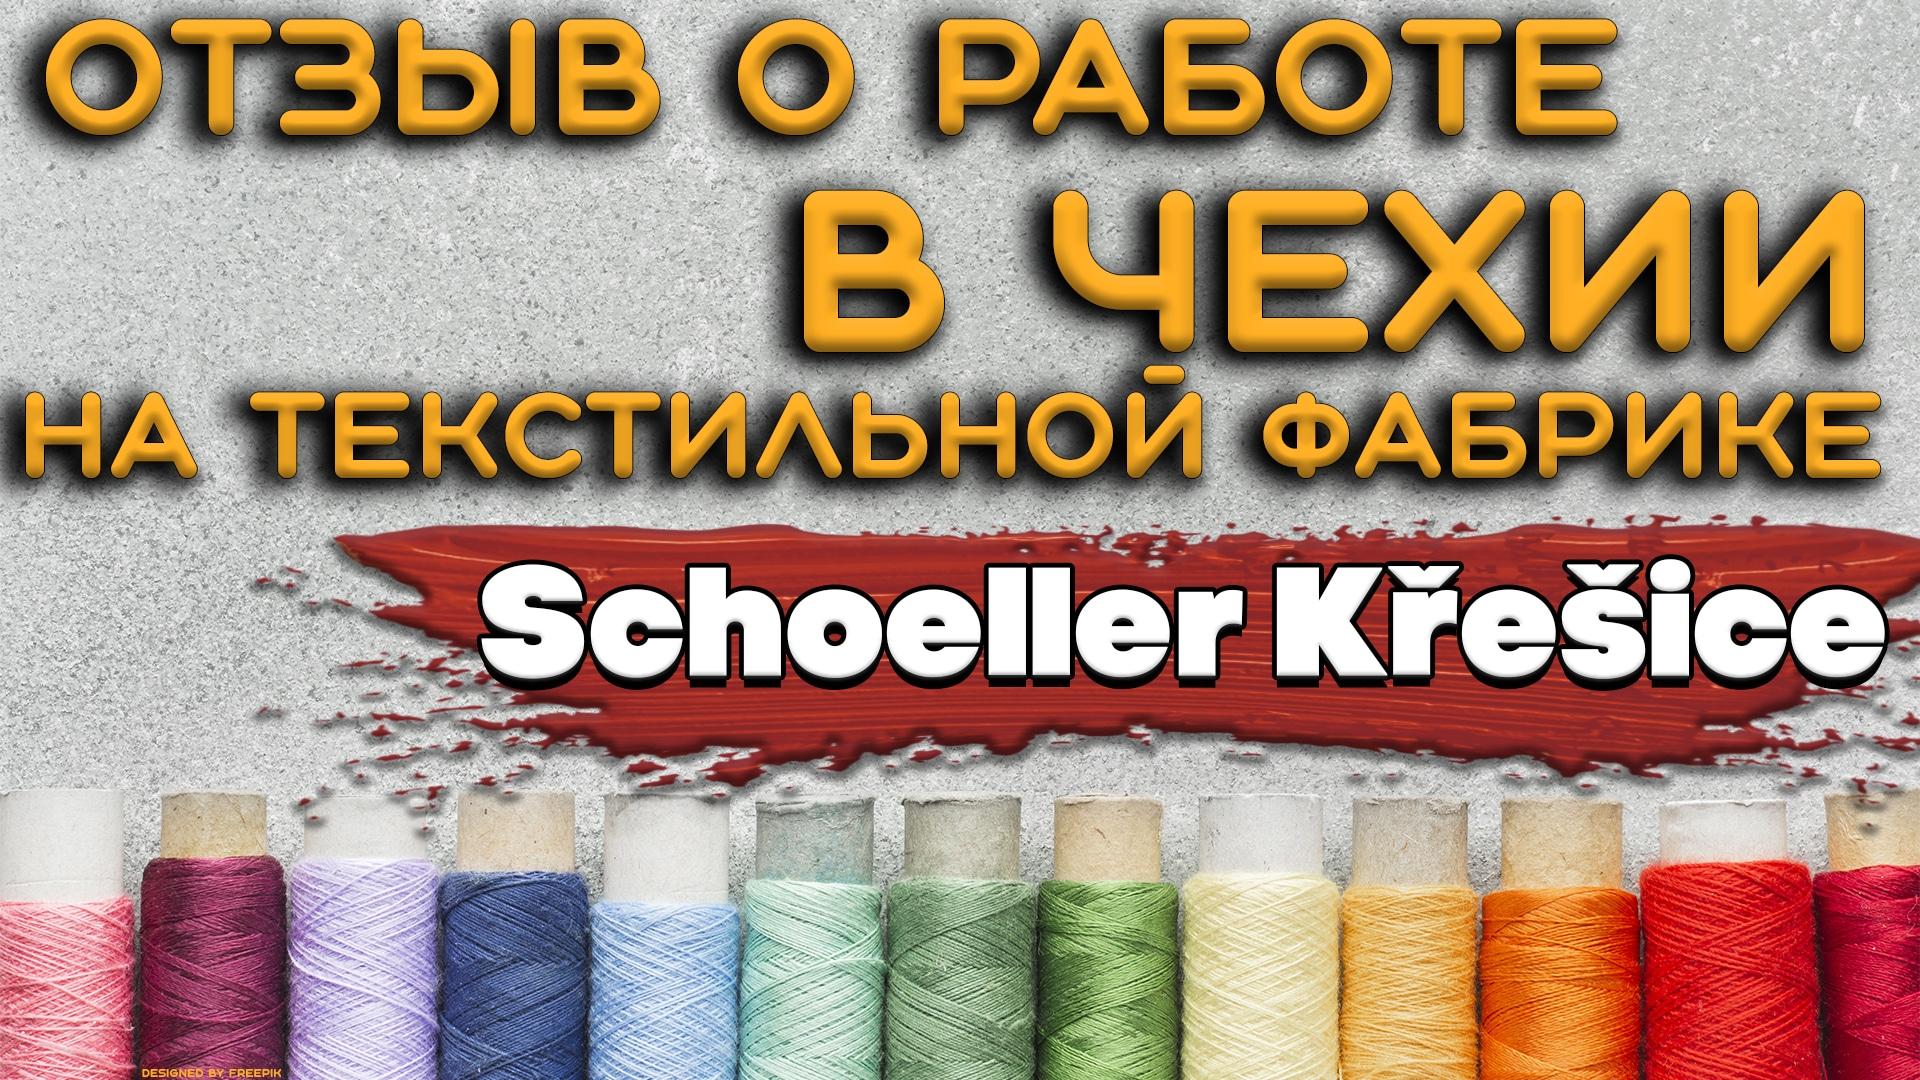 Отзыв о работе в Чехии на текстильной фабрике